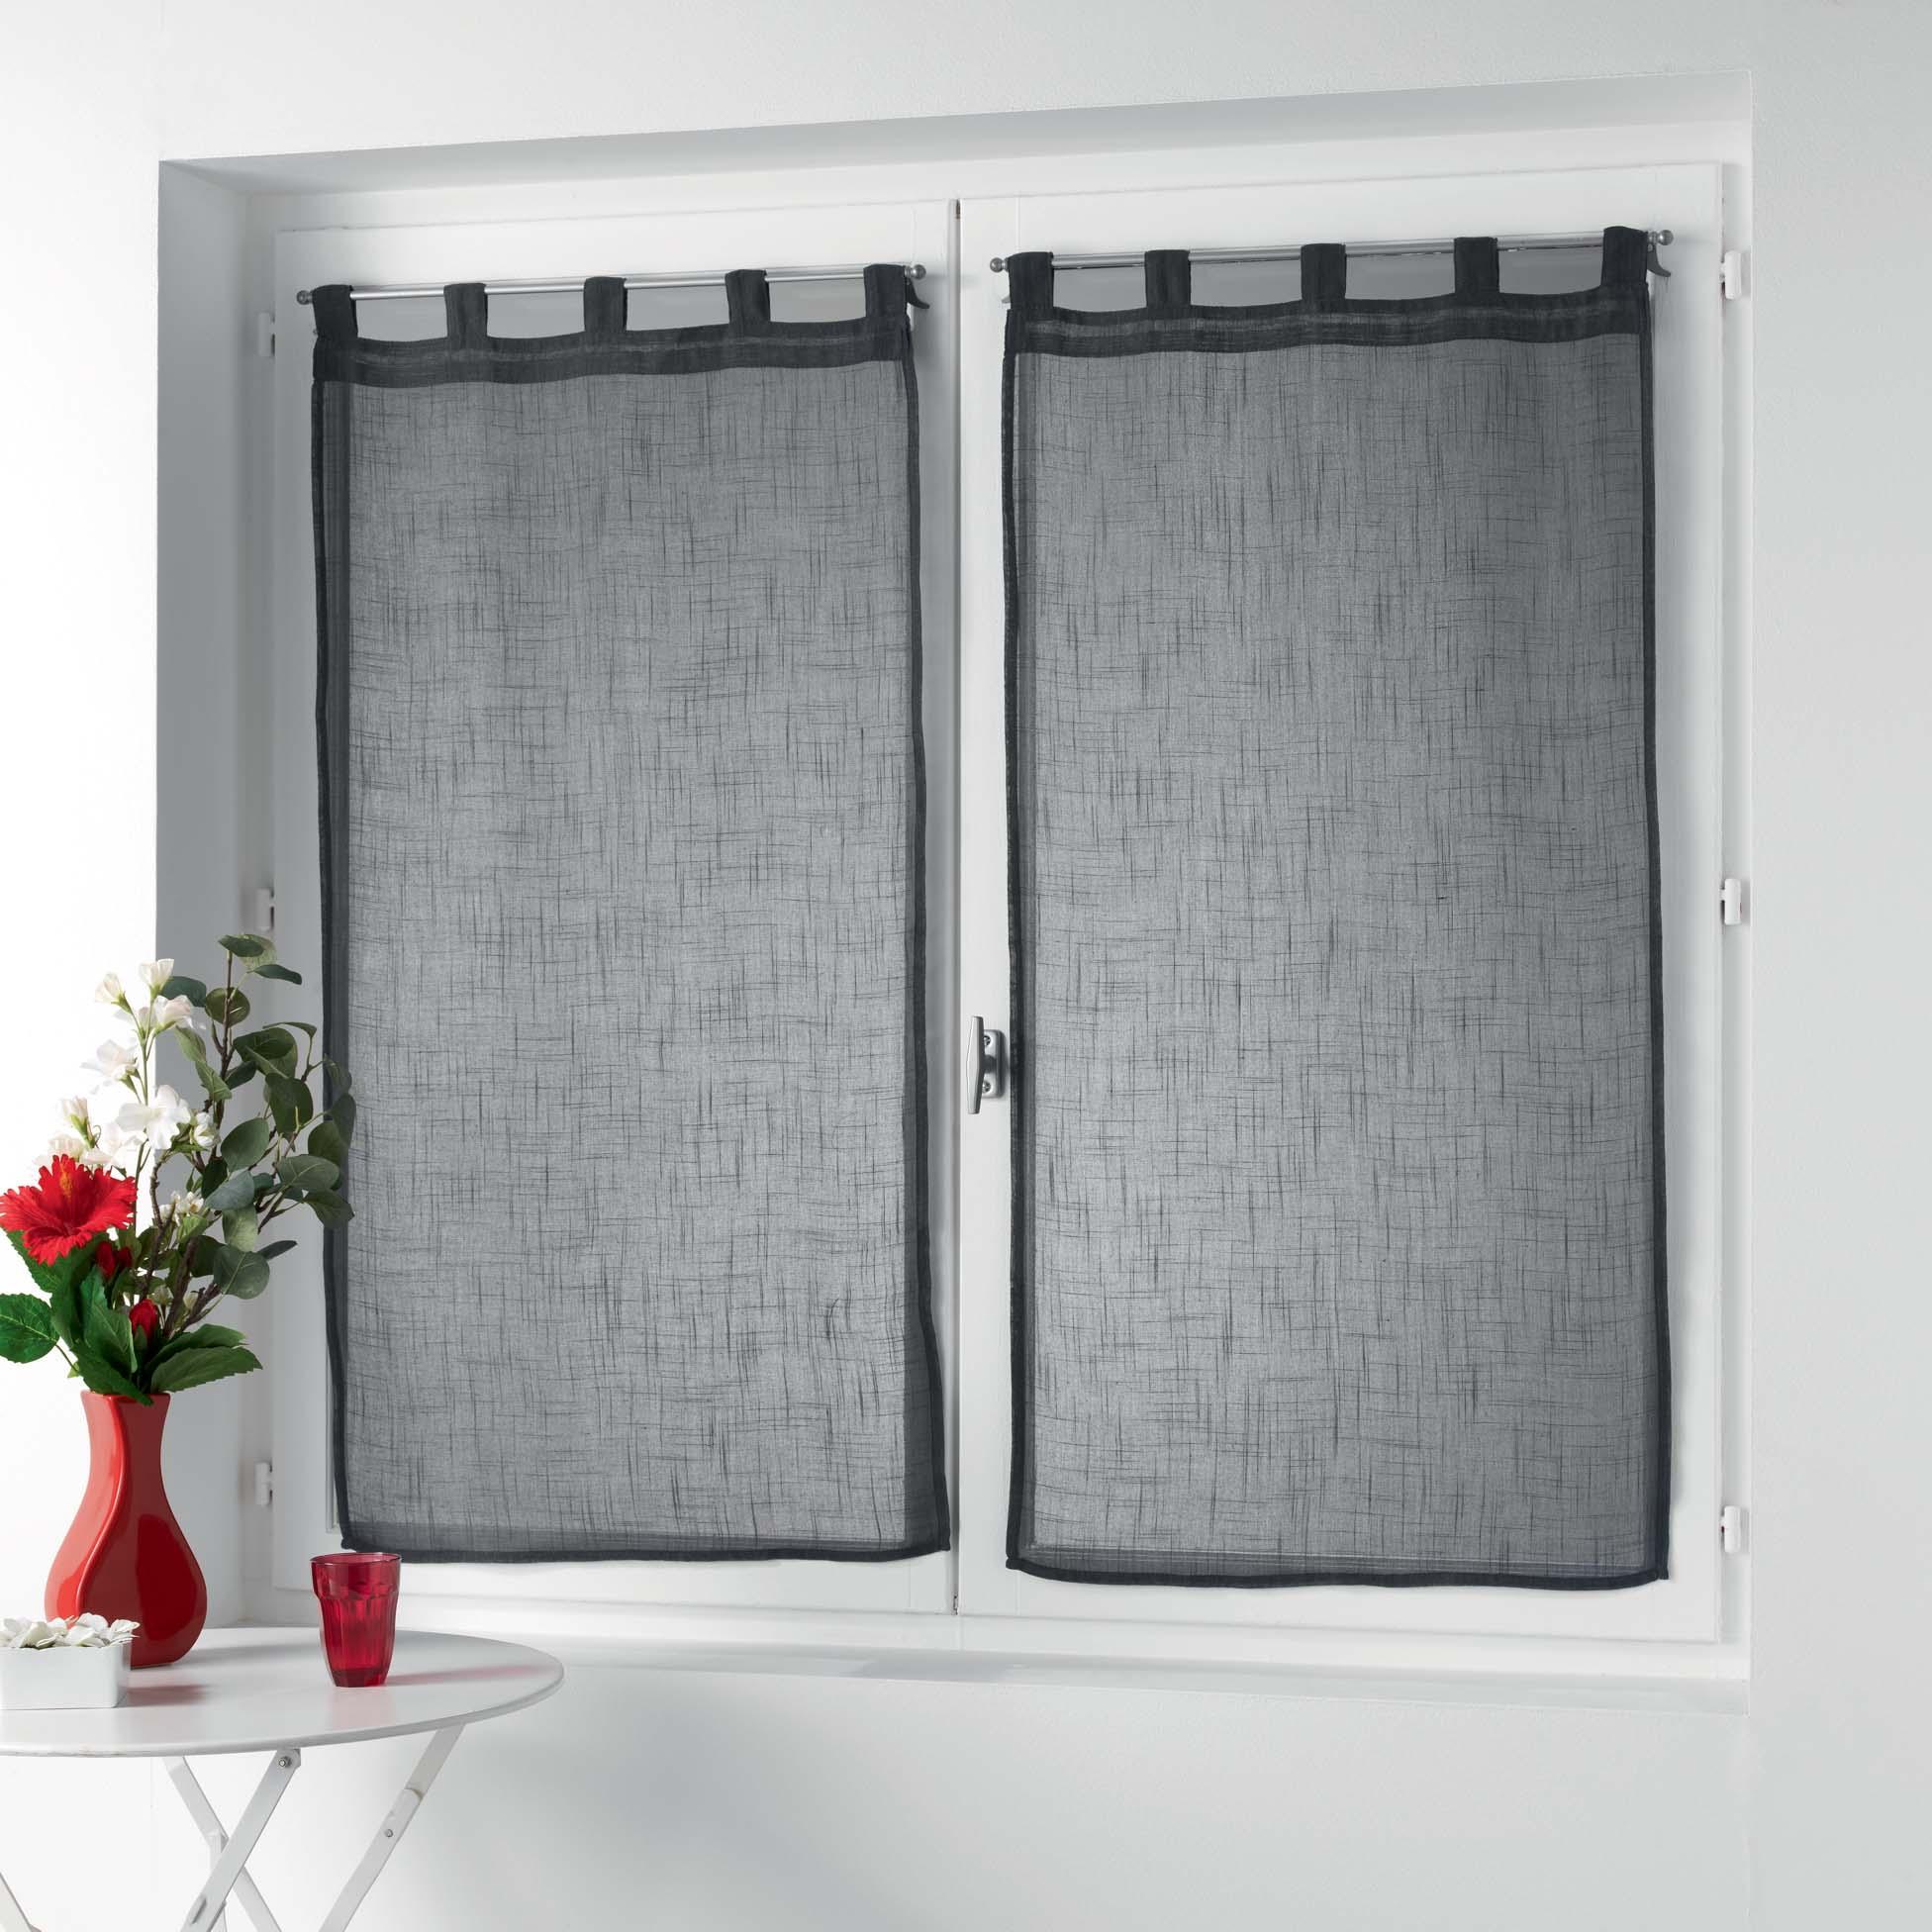 Petits vitrages droits à passants unis polyester anthracite 160x60